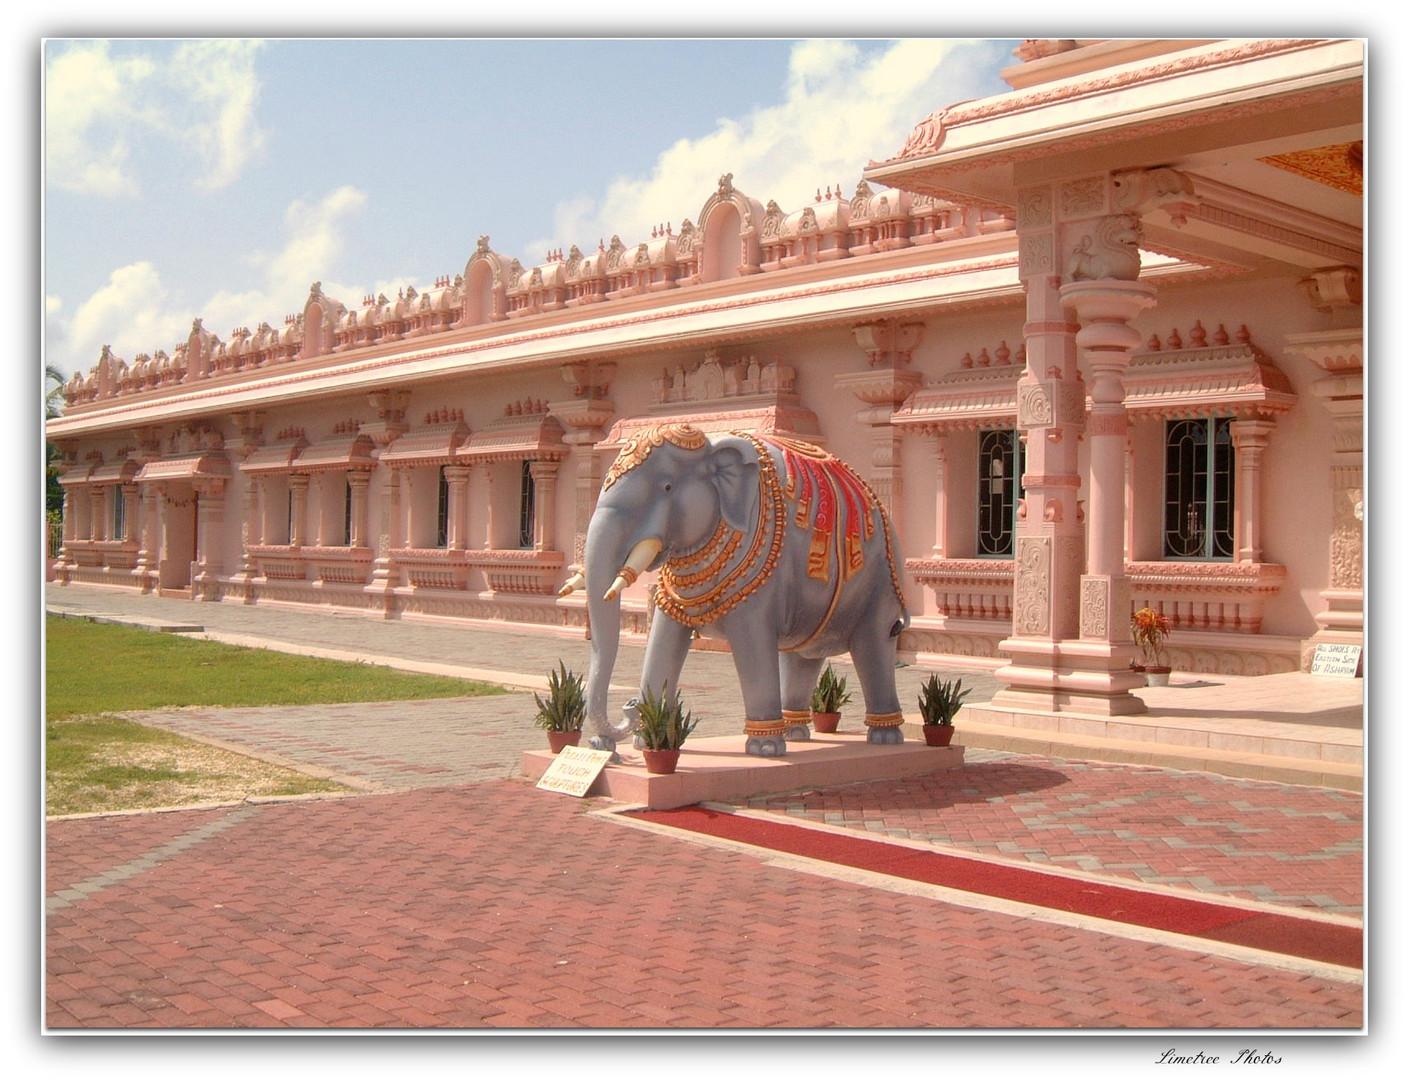 The Hindu Temple near Port of Spain